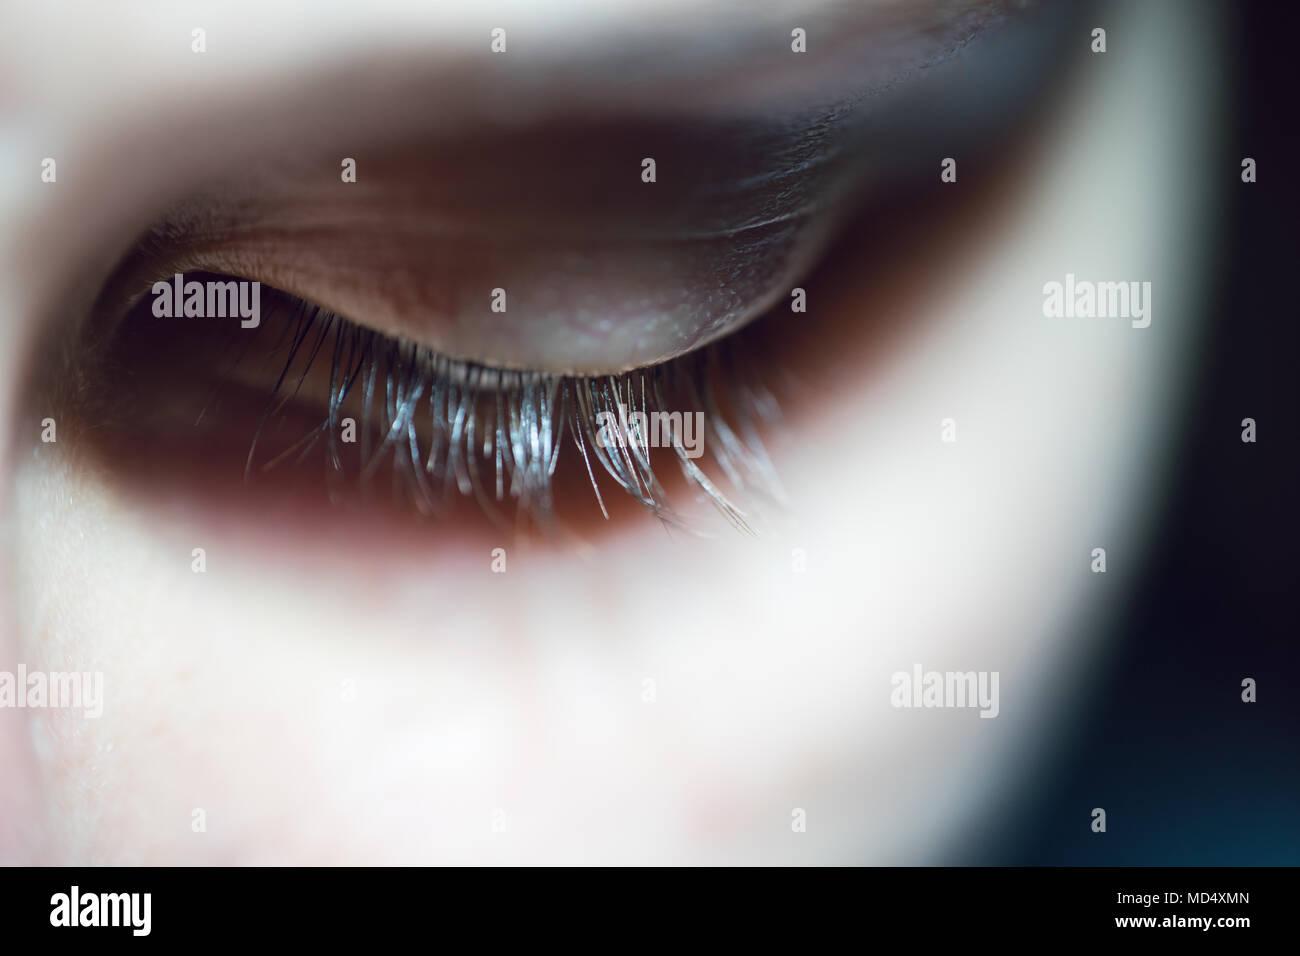 Nahaufnahme der Frau mit langen Wimpern in Trauer nach unten Schauen. Stockbild